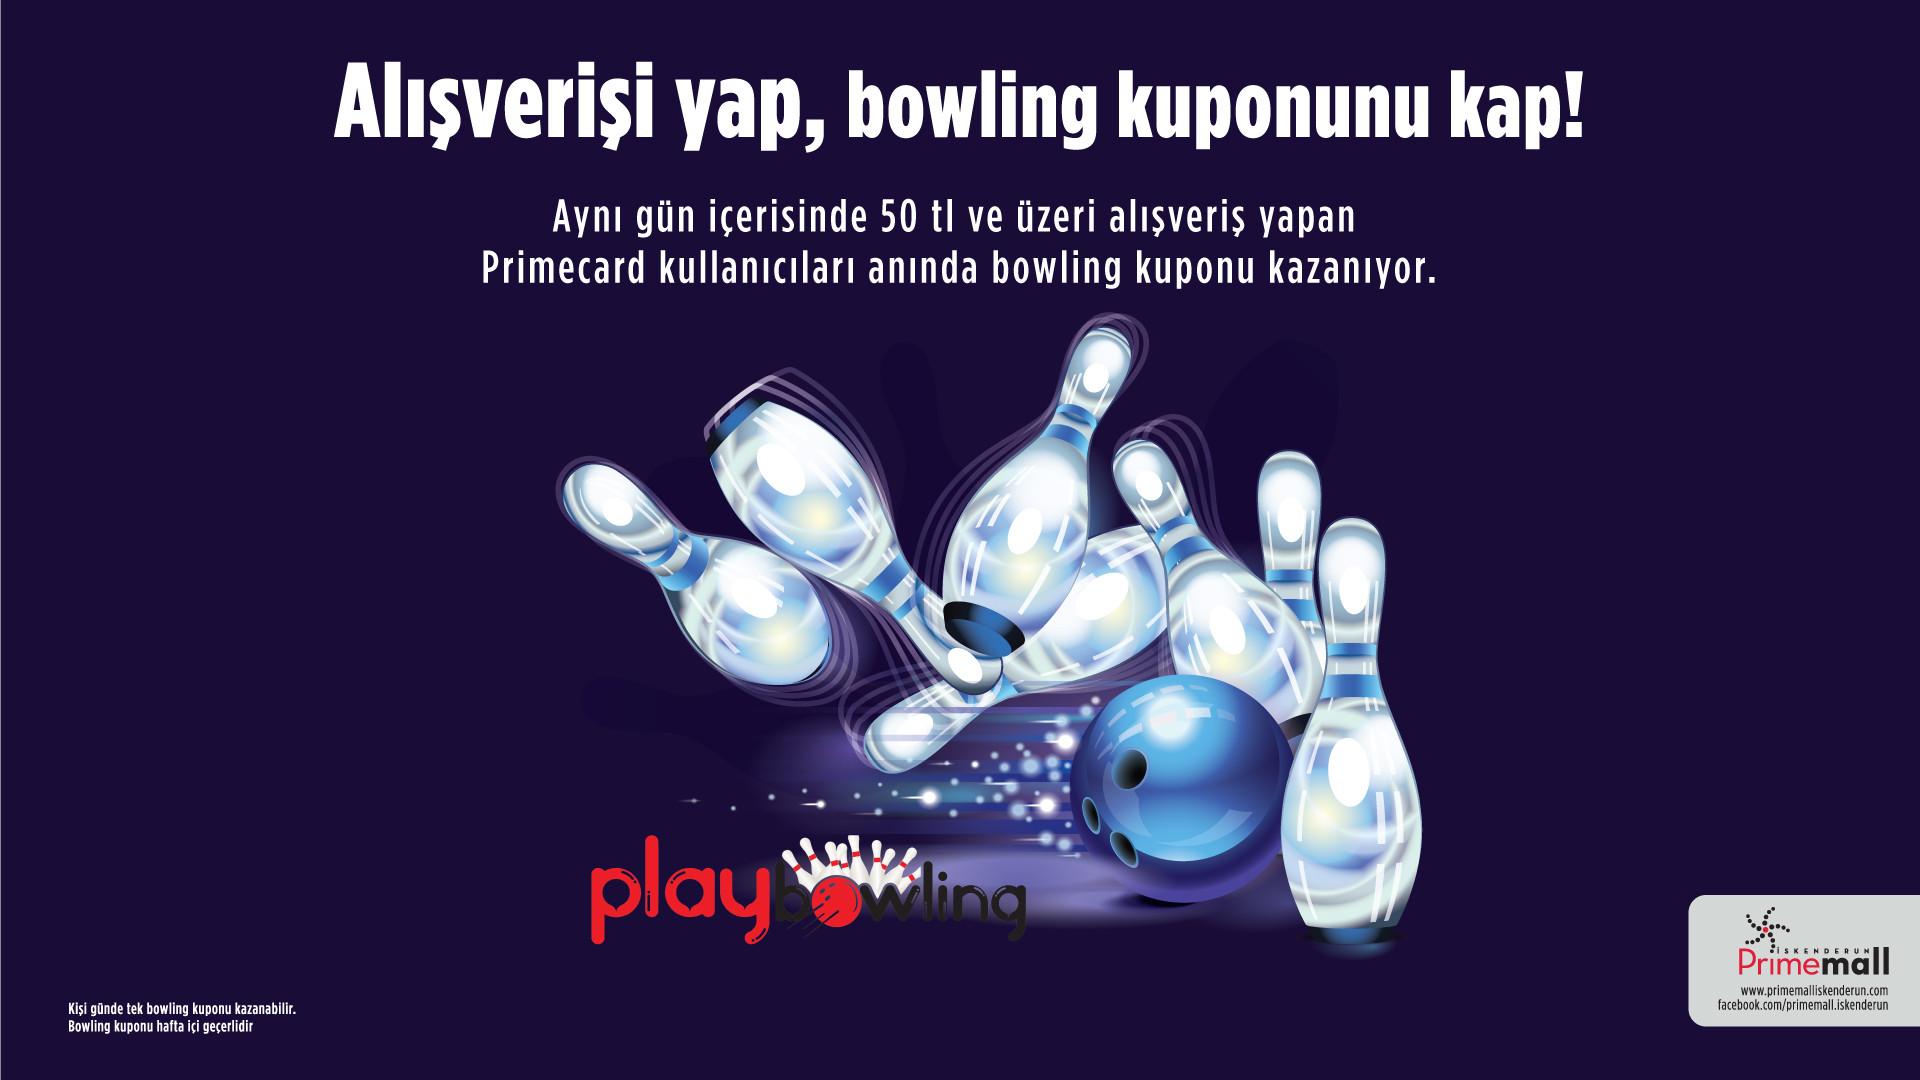 Alışverişi Yap, Bowling Kuponunu Kap!